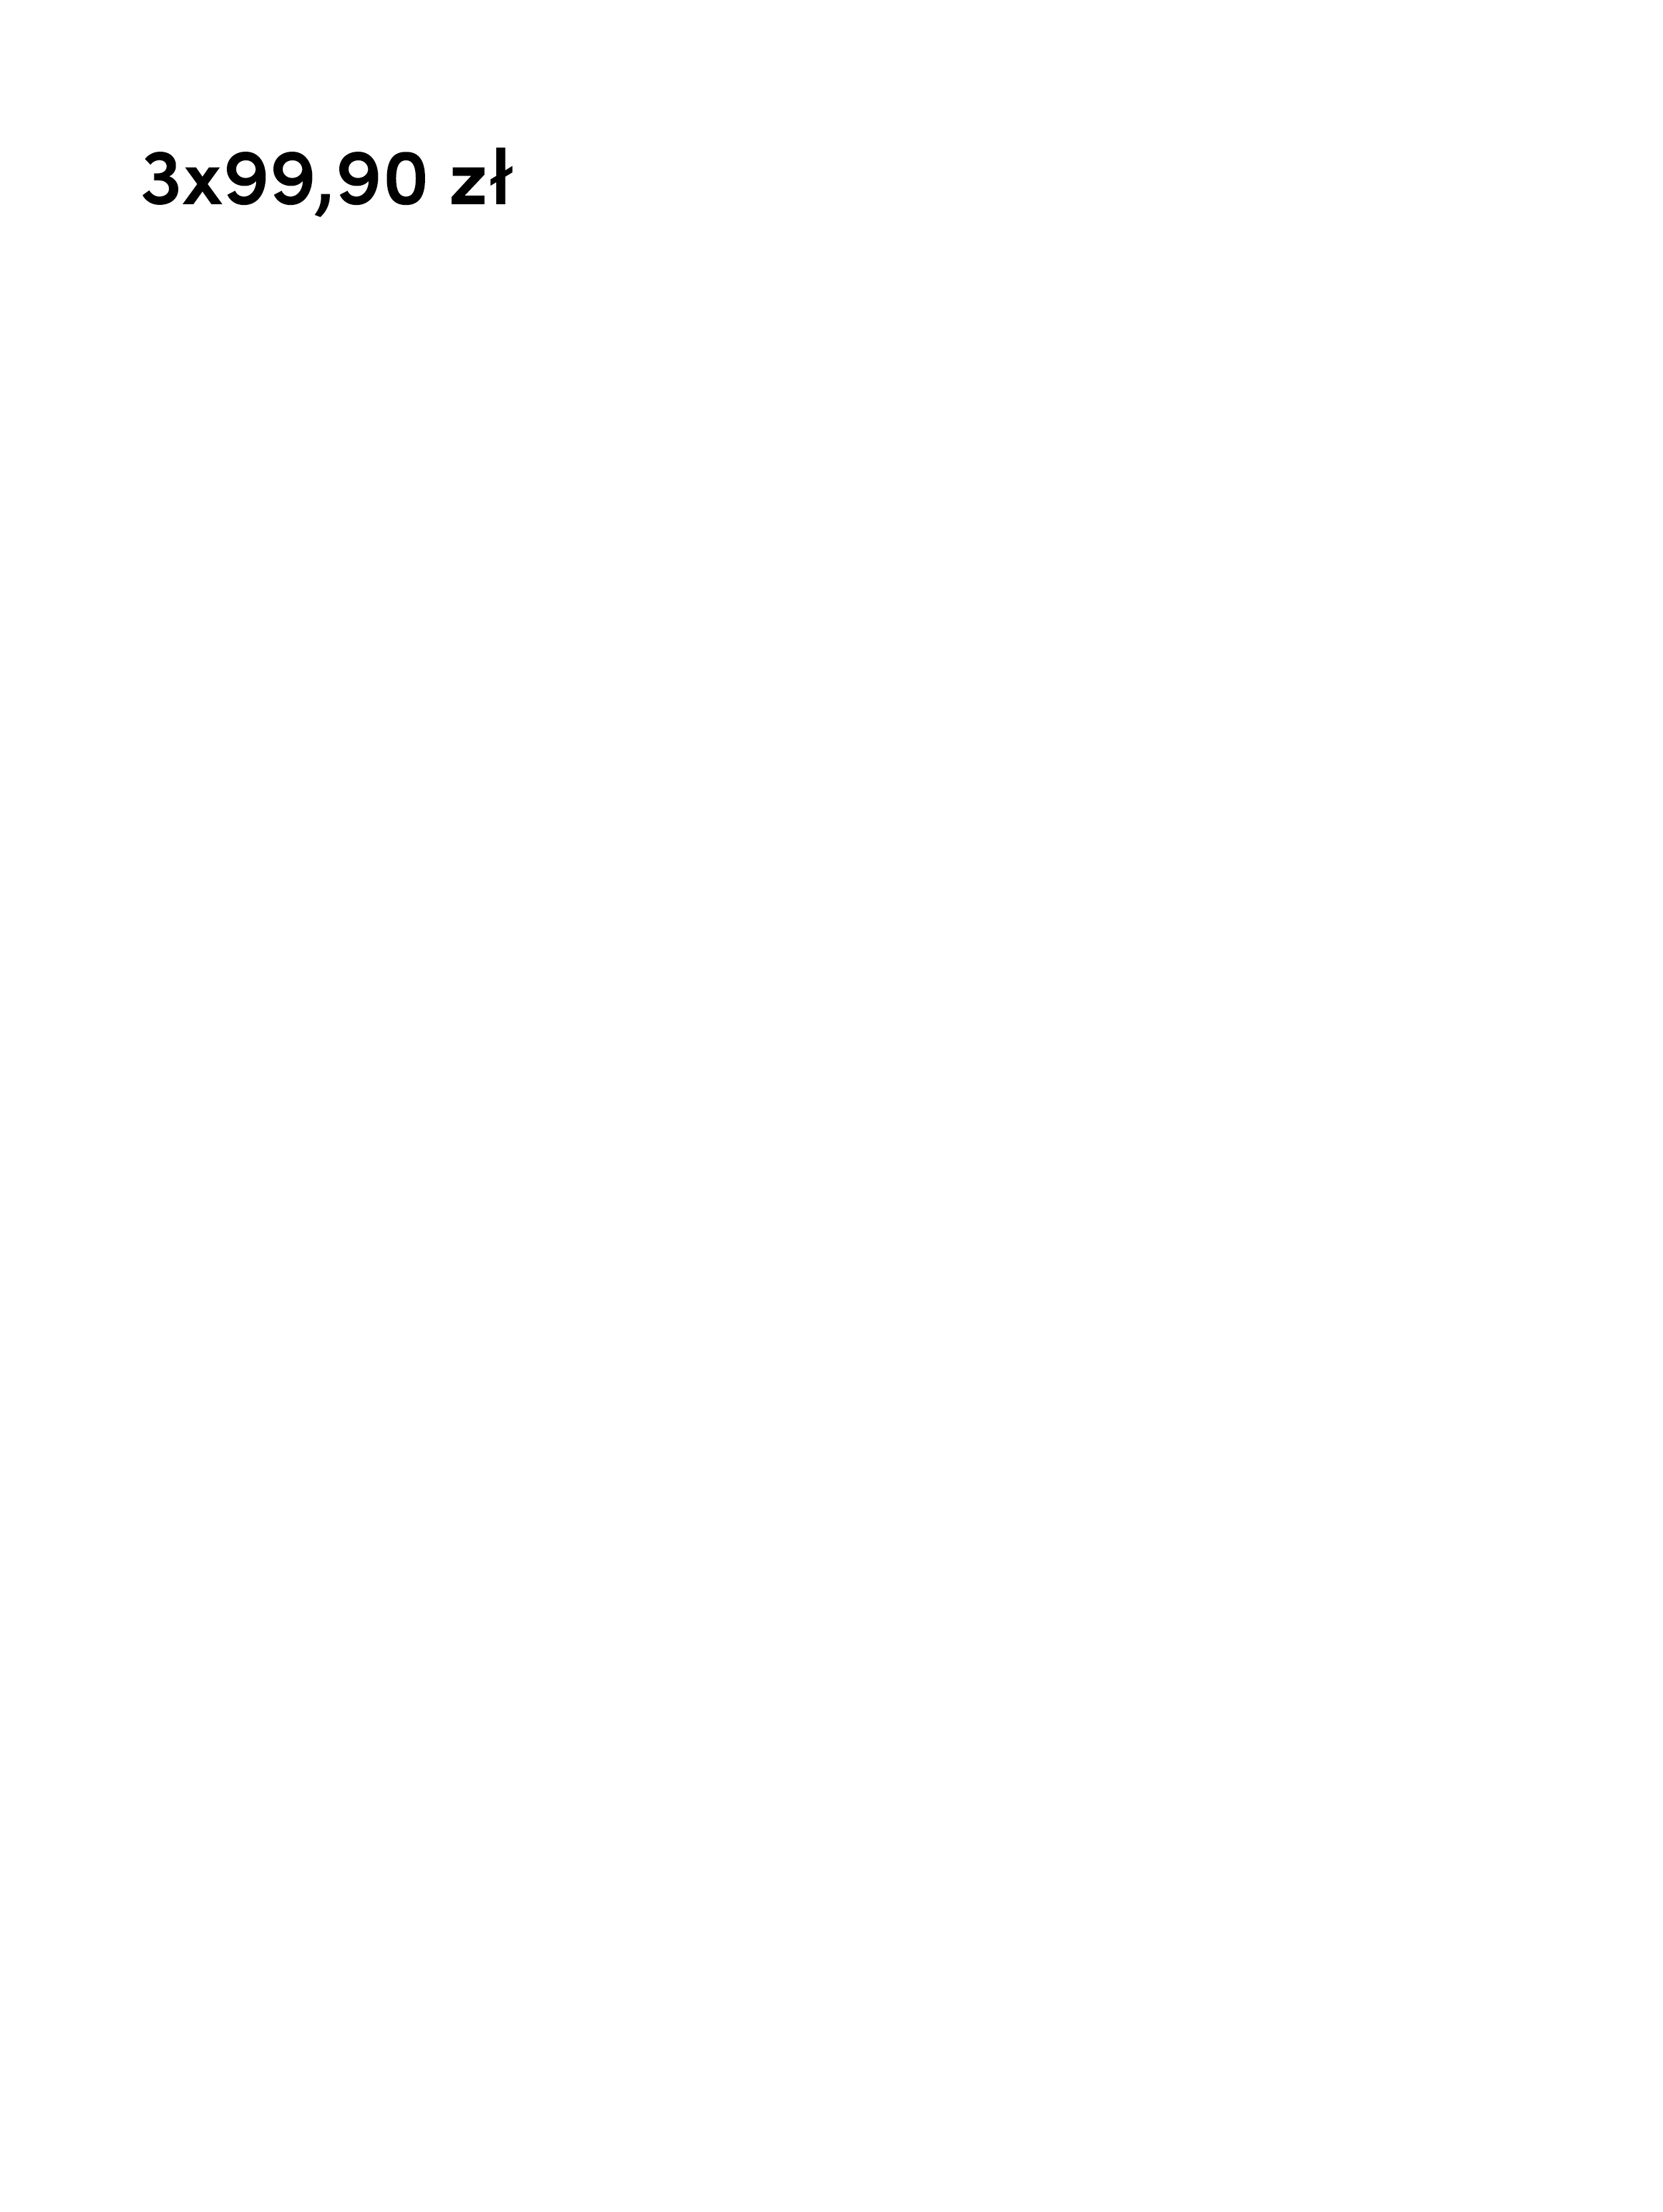 PL_3x99,90